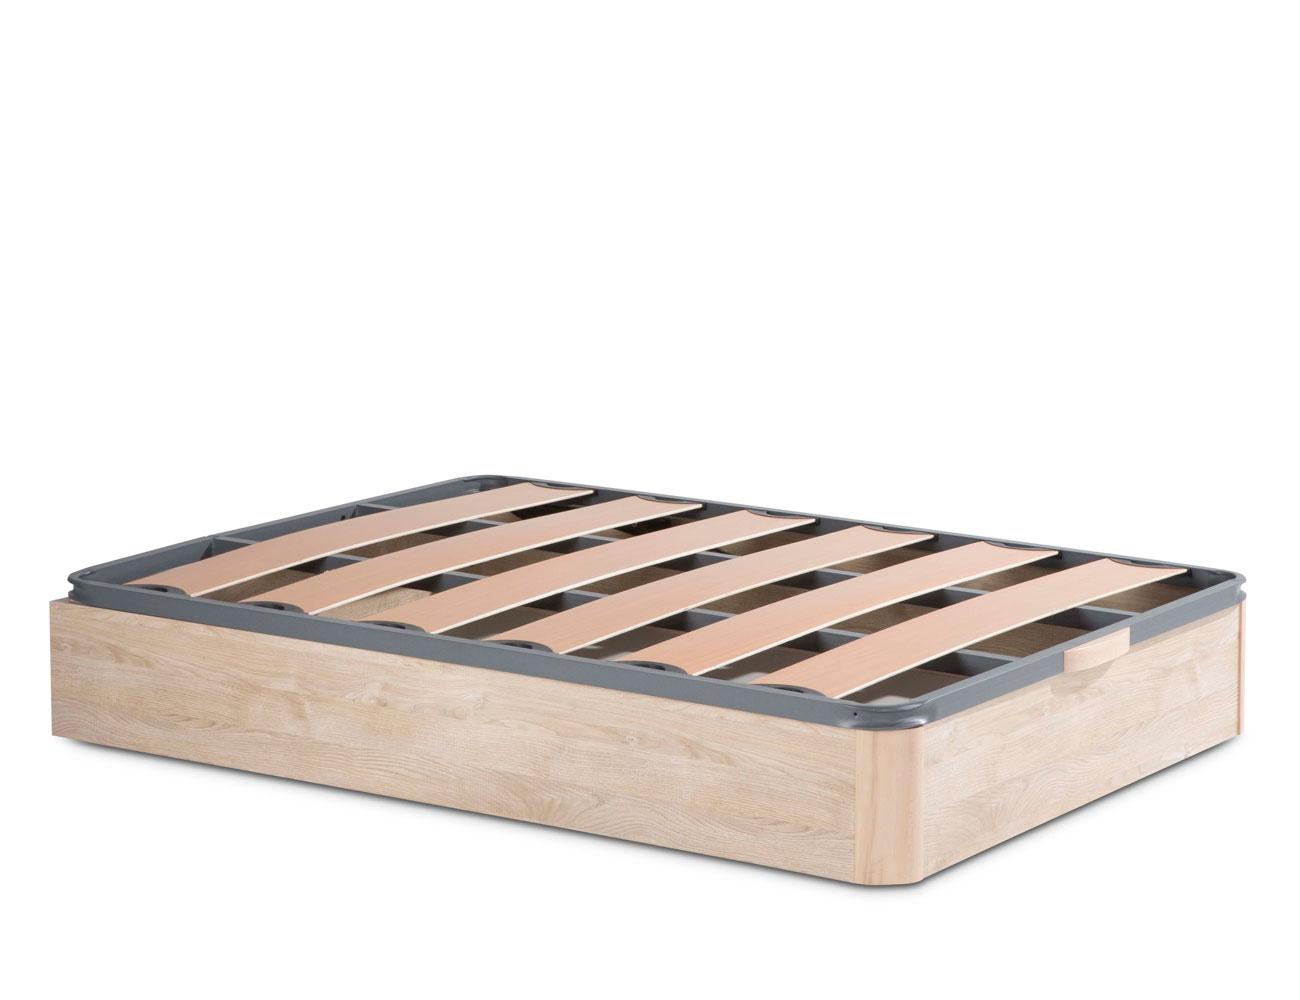 Canape madera somier laminas pvc 7816